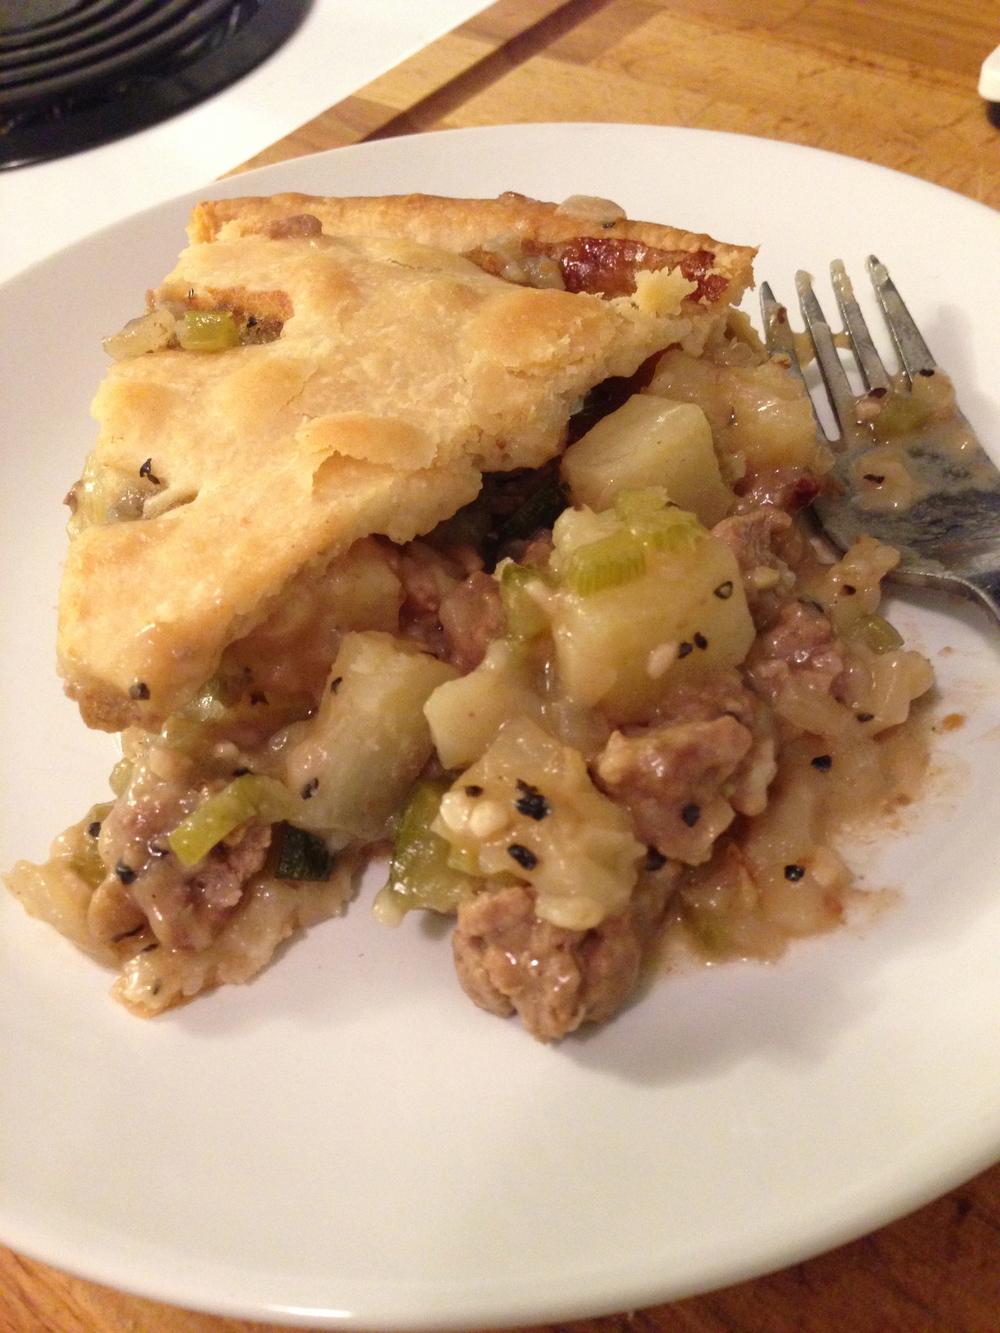 Mmmmm Pie.